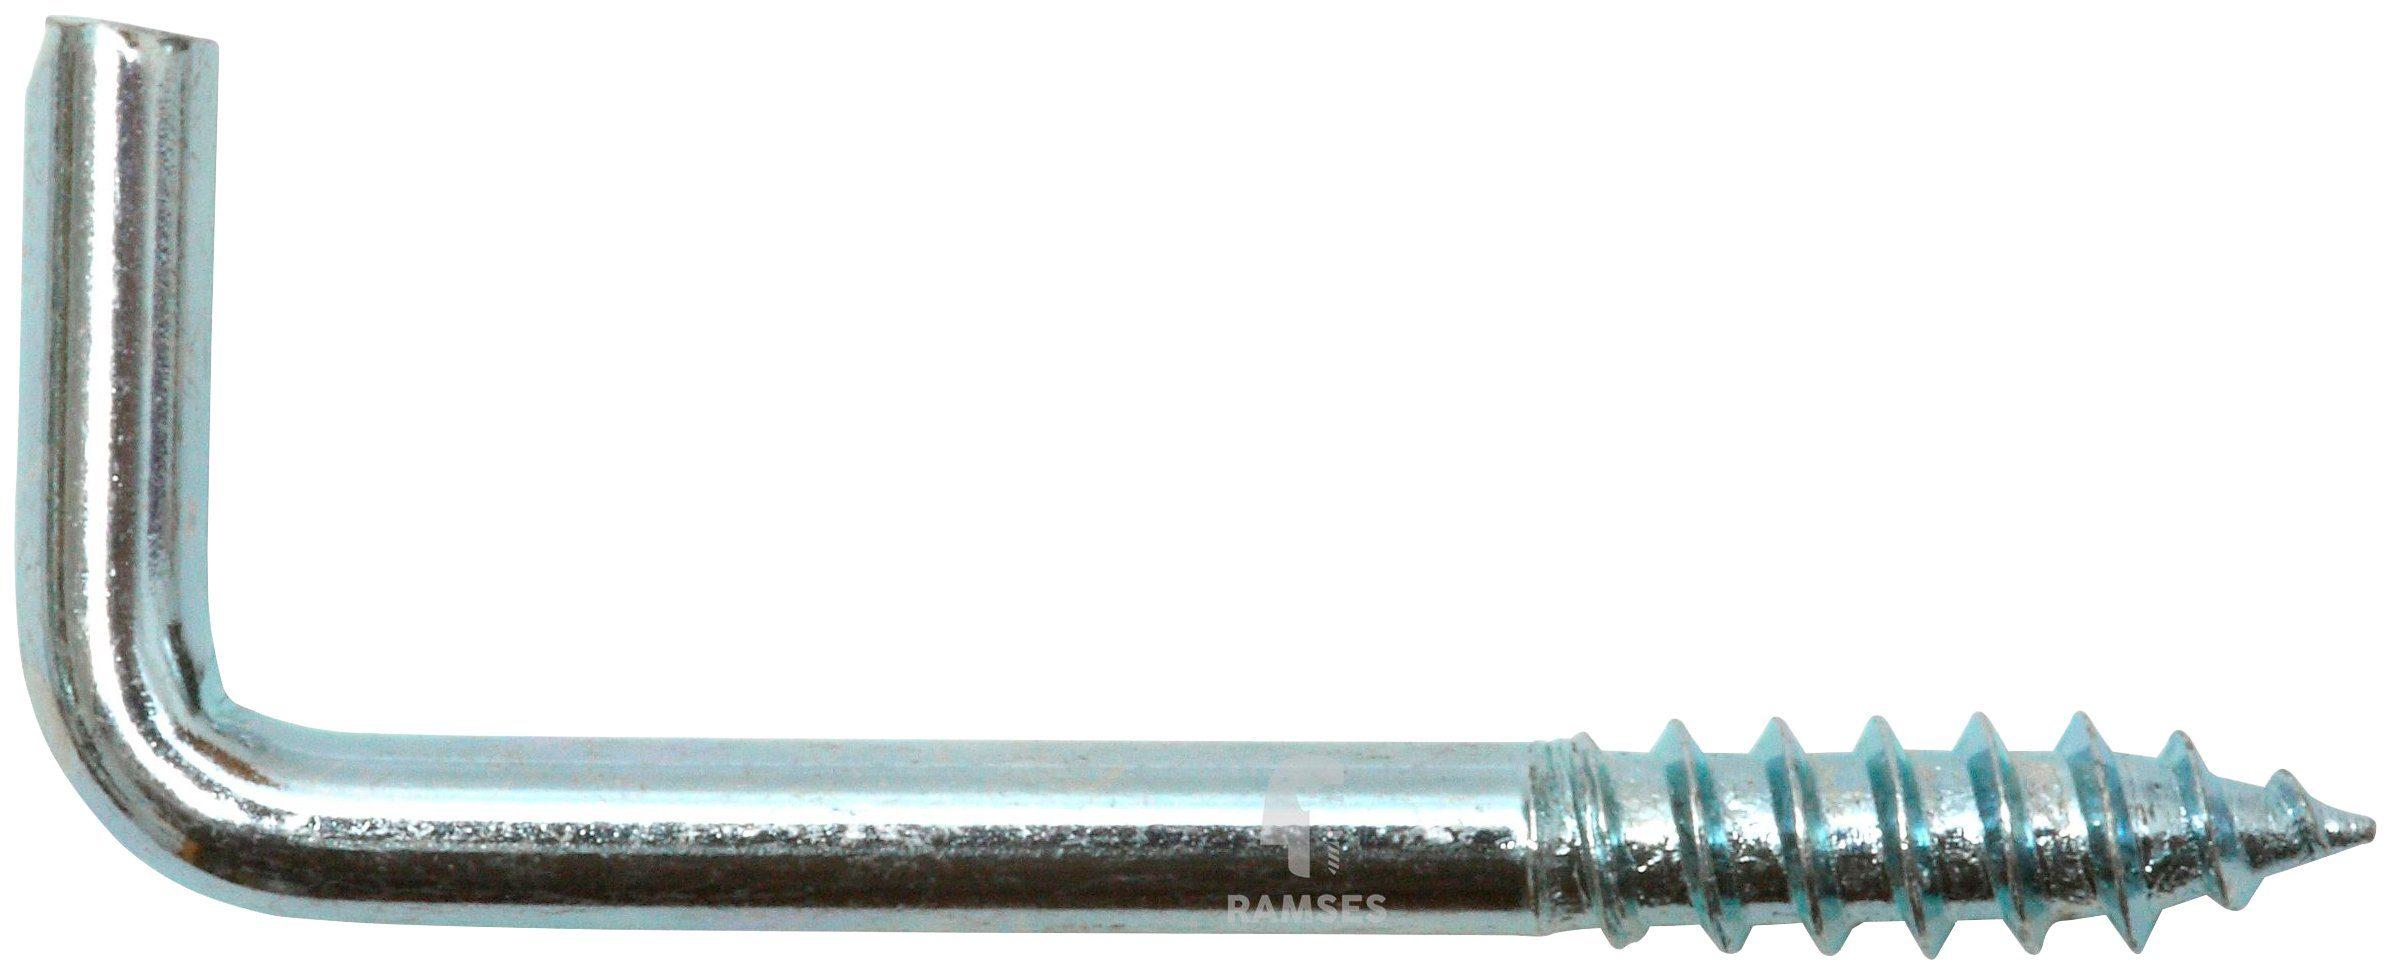 RAMSES Schraubhaken , gerade 3,7 x 50 mm 100 Stück